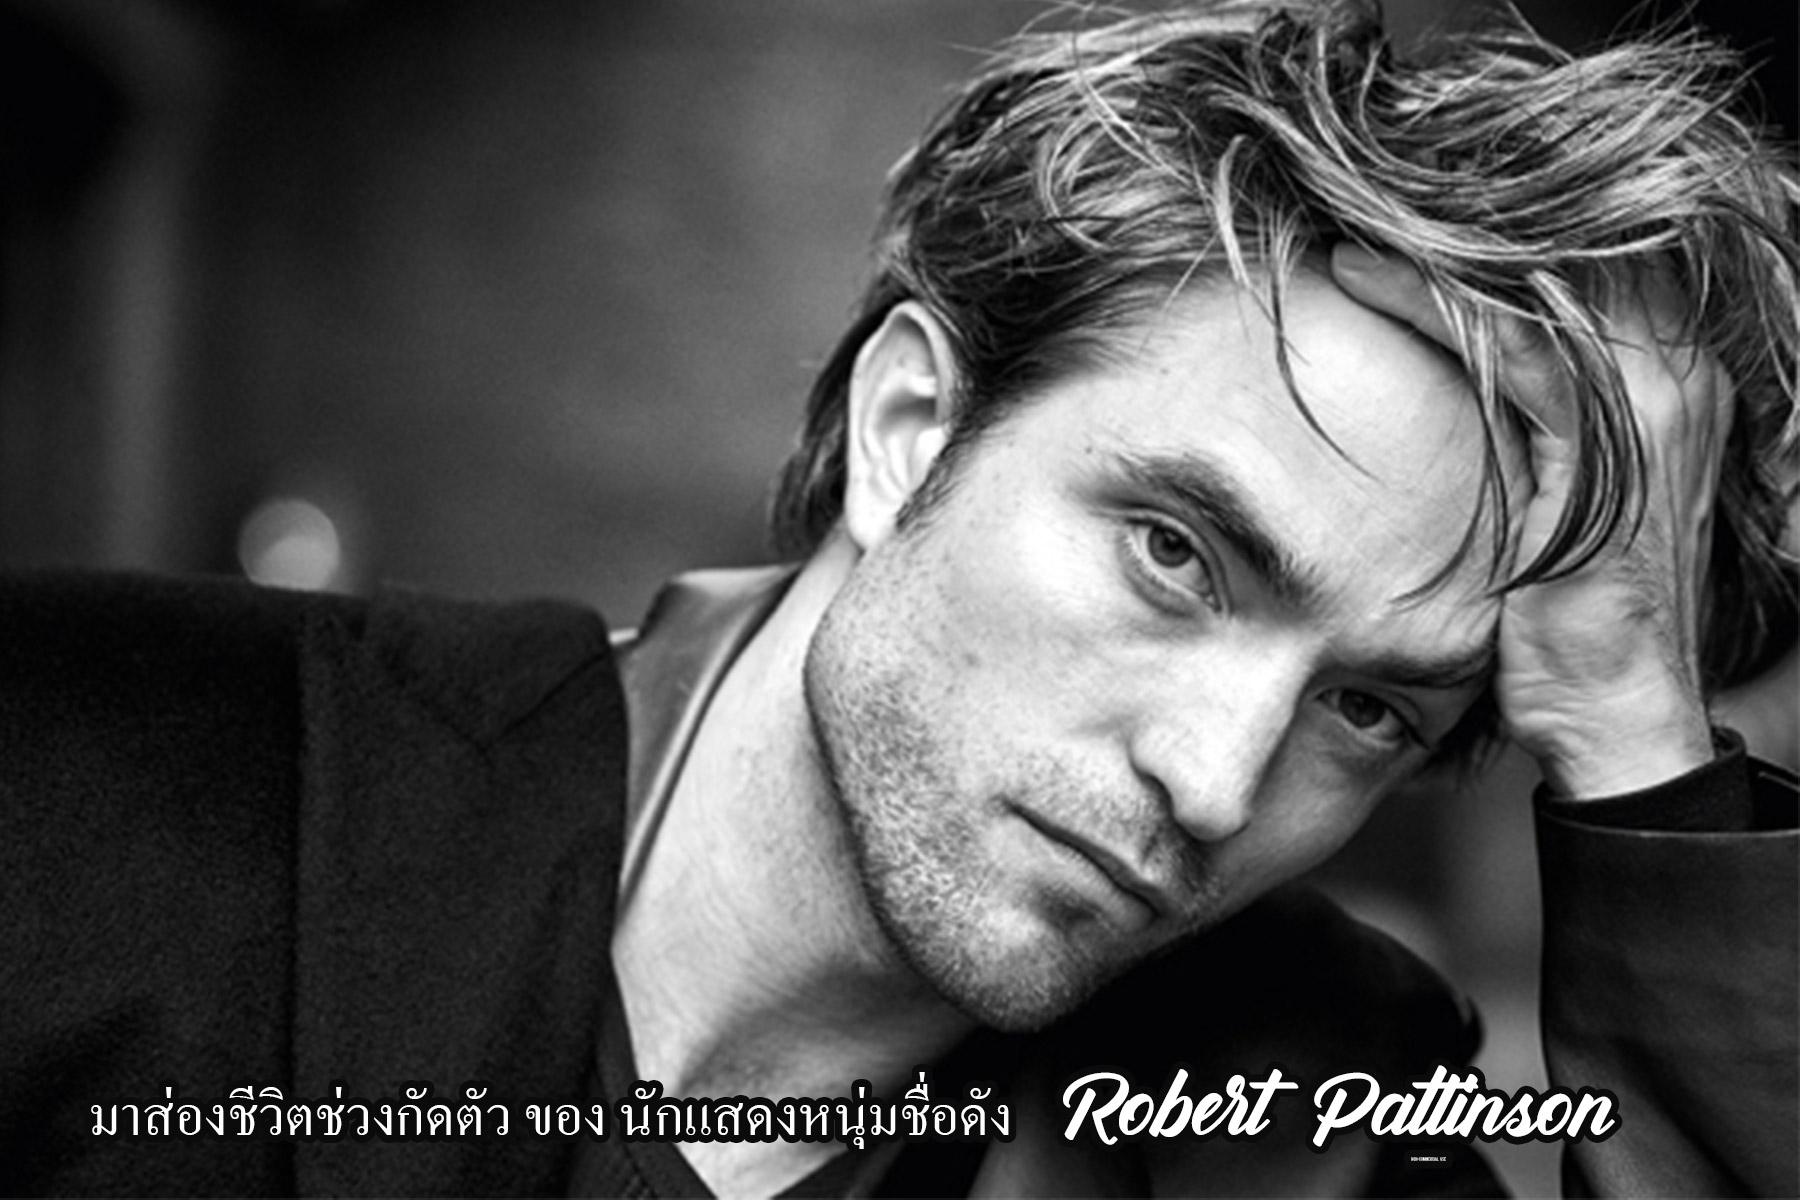 มาส่องชีวิตช่วงกัดตัว ของ นักแสดงหนุ่มชื่อดัง Robert Pattinson กับการปล่อยเซอร์ที่แสนจะมีเสน่ห์ !